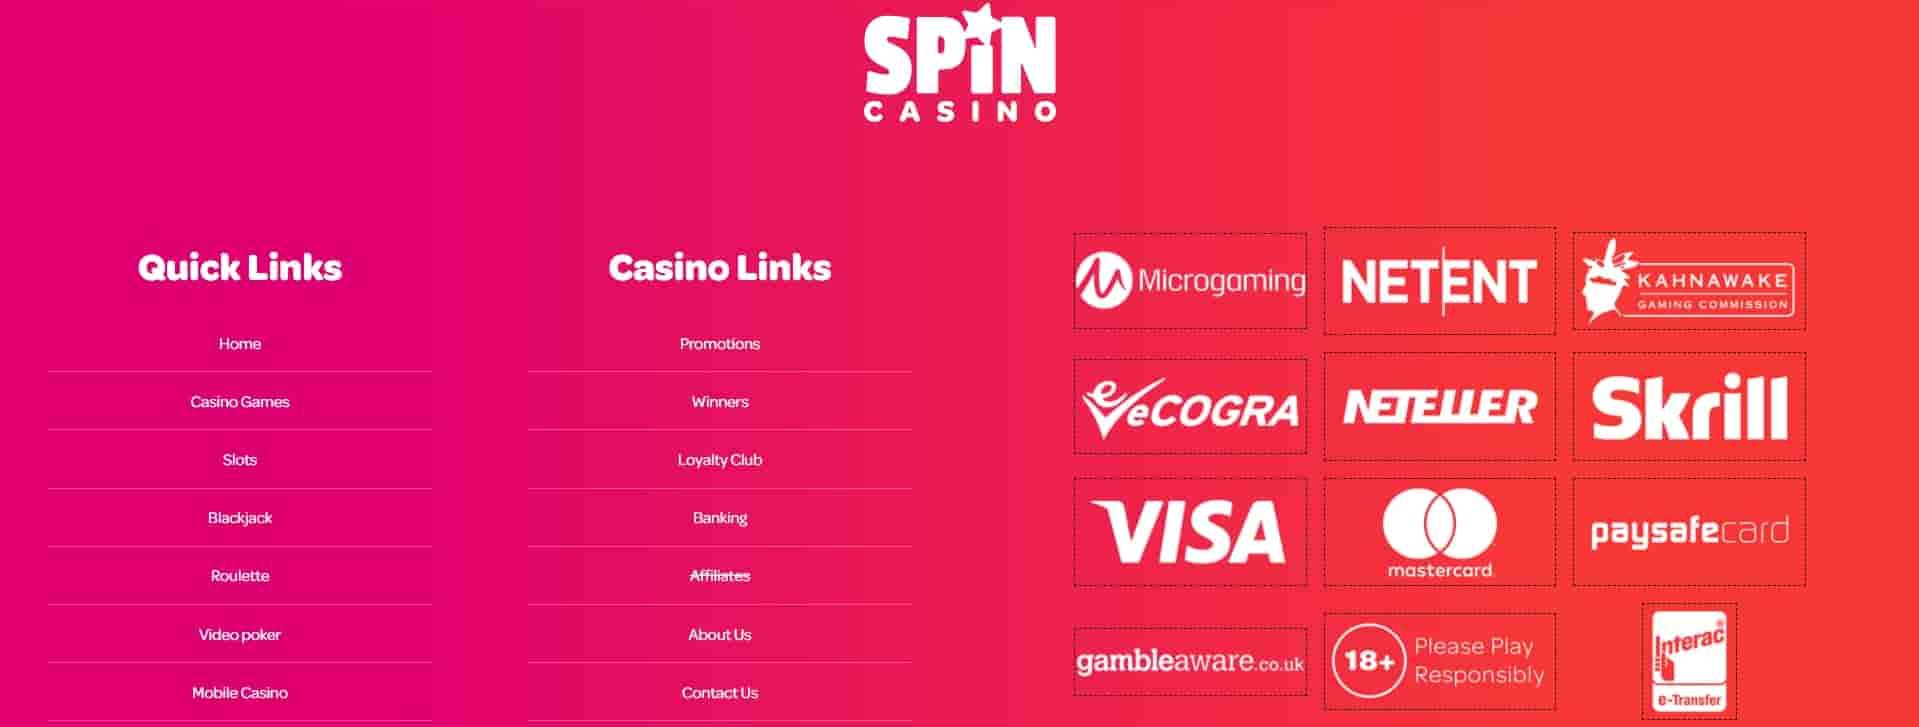 spincasino banking